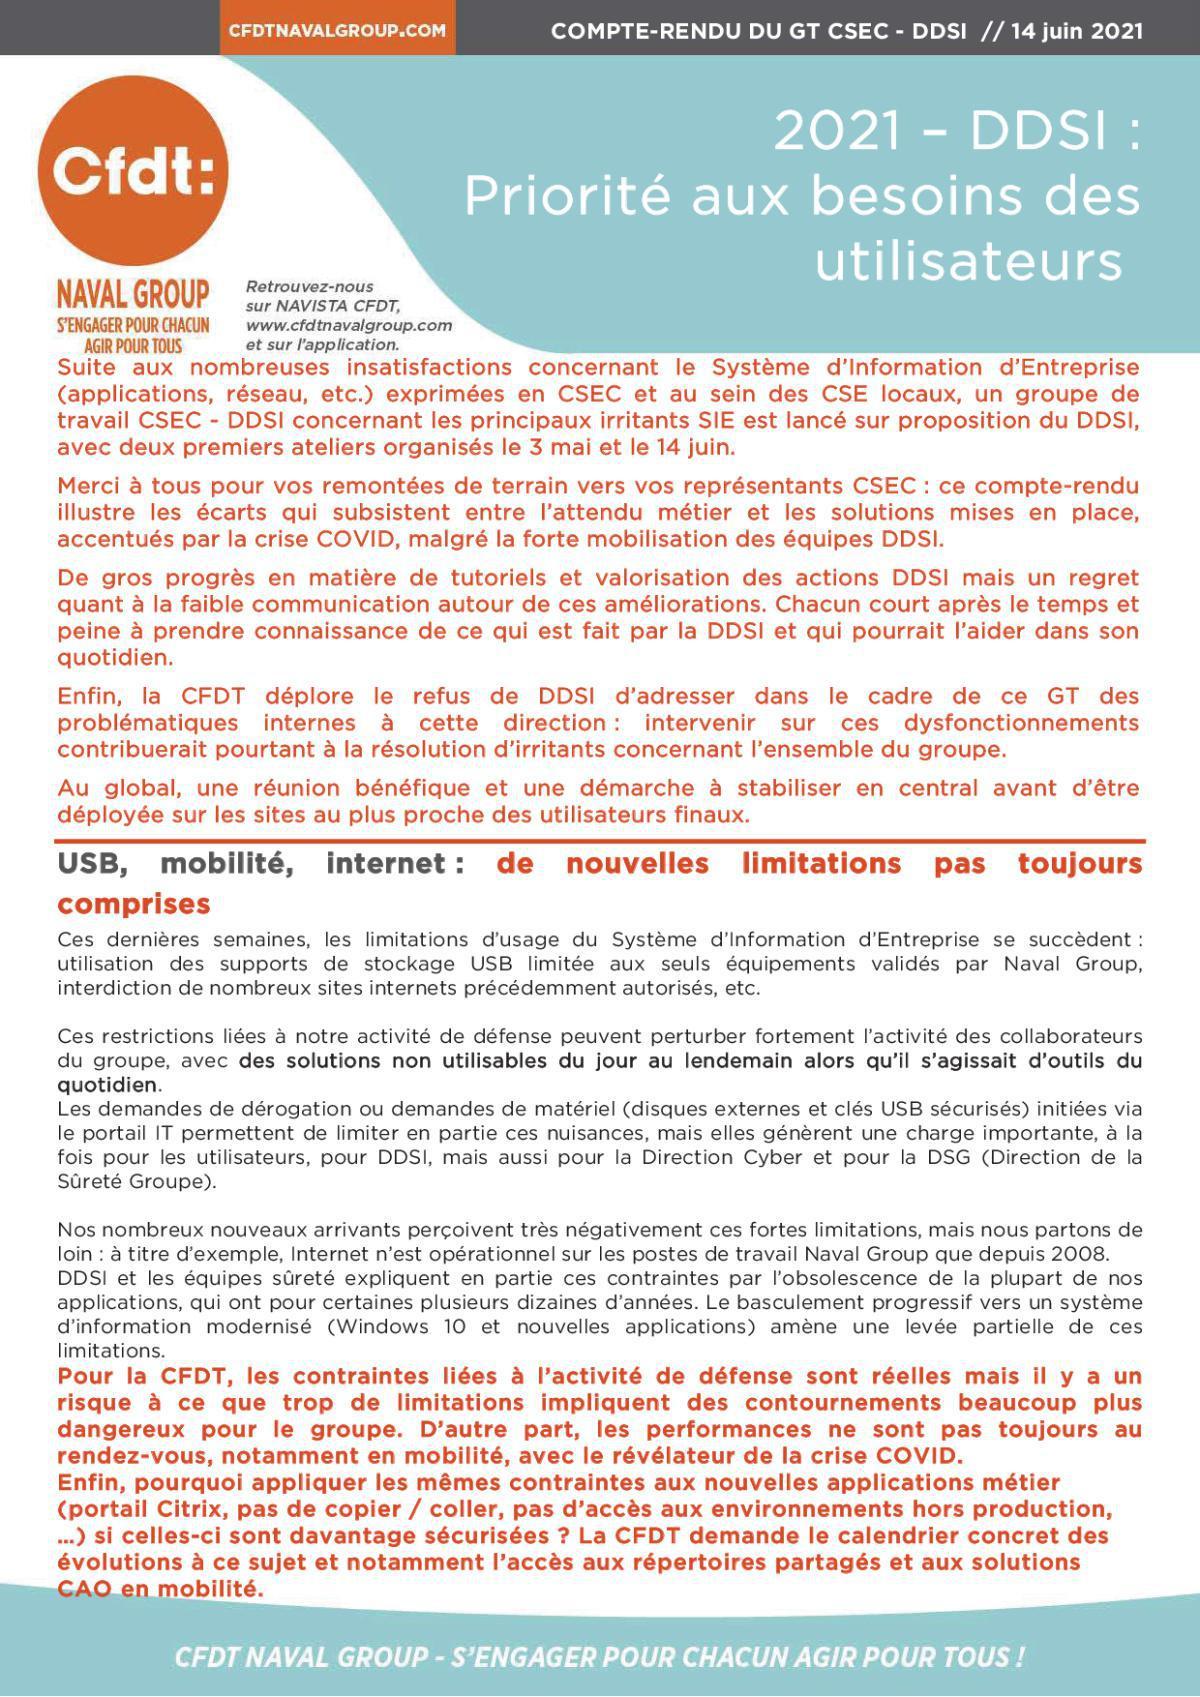 2021 - DDSI : Priorité aux besoins utilisateurs